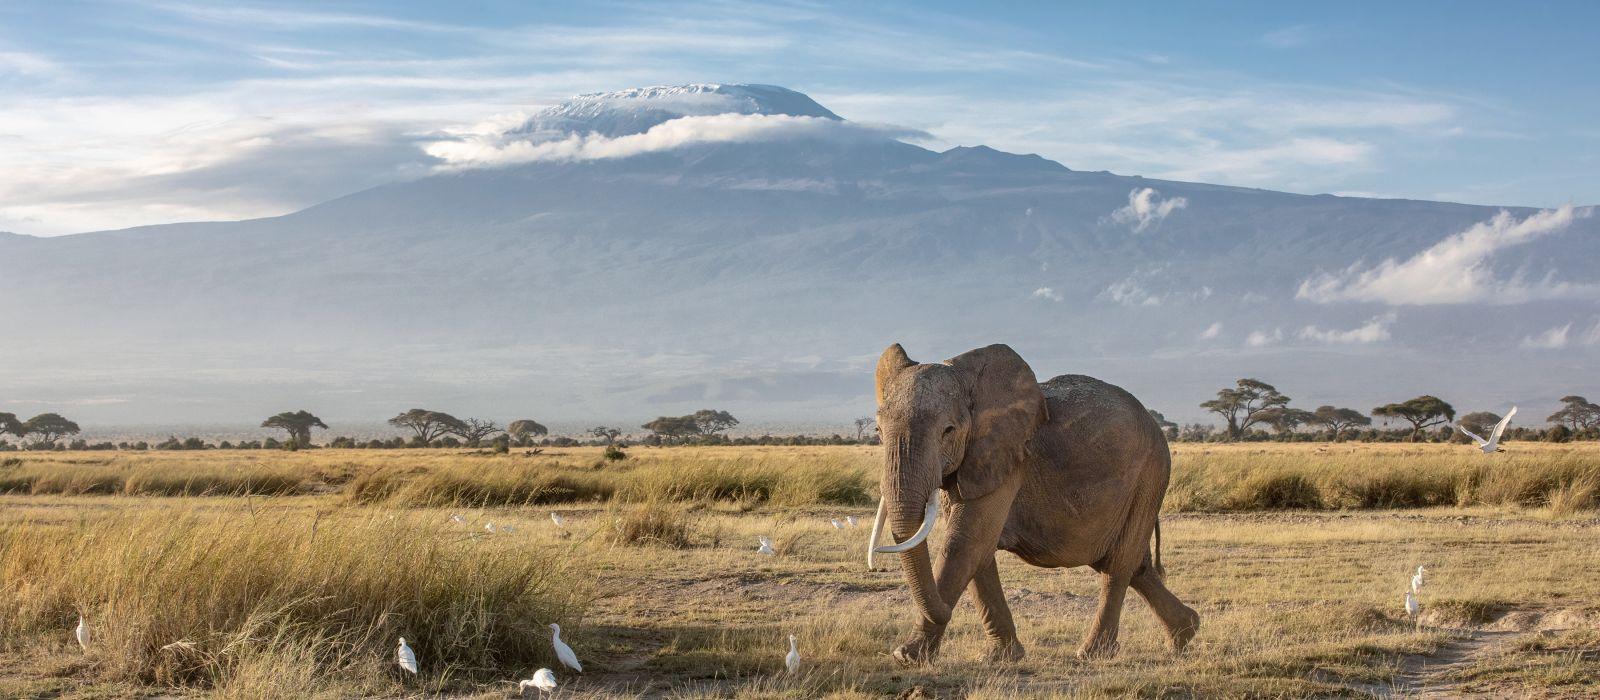 Afrikanische Elefanten, Kilimanjaro, Kenia, Afrika